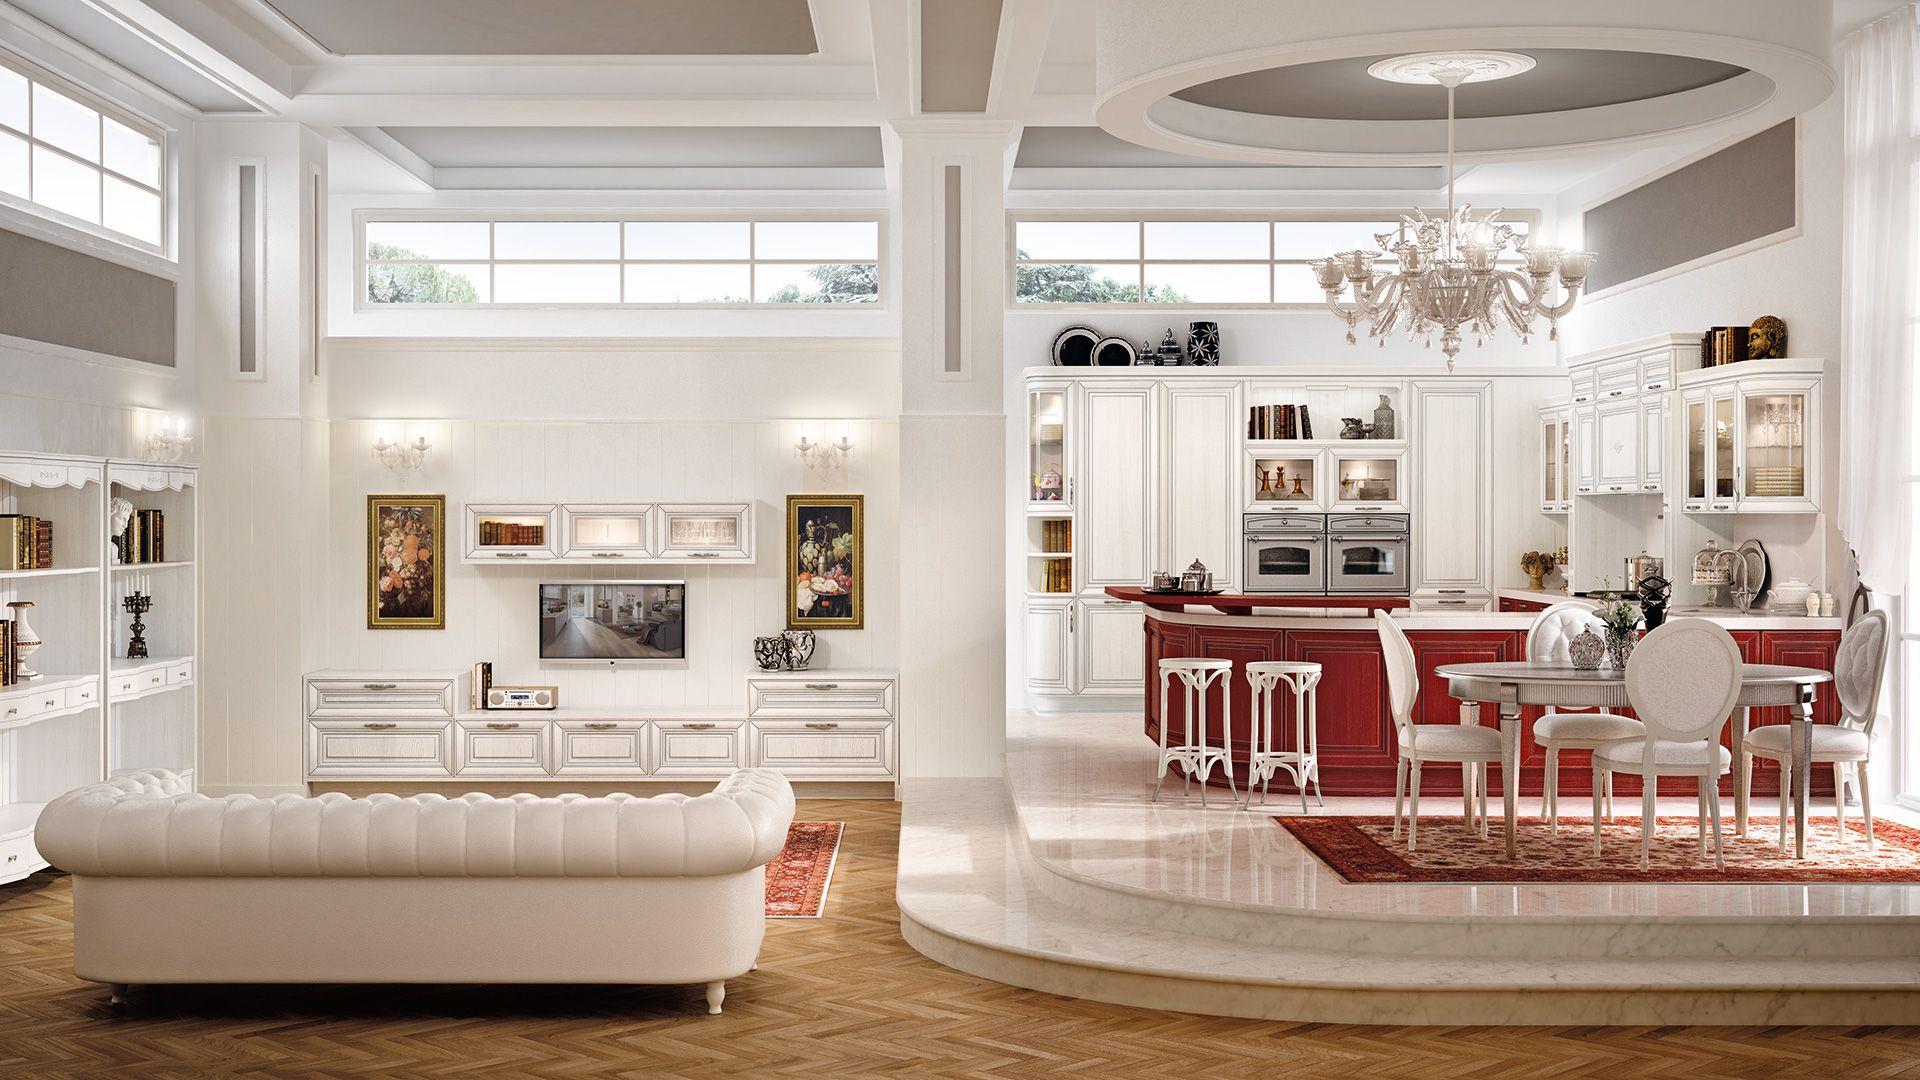 Pantheon - Cucine Classiche - Cucine Lube | Interior design nel 2019 ...